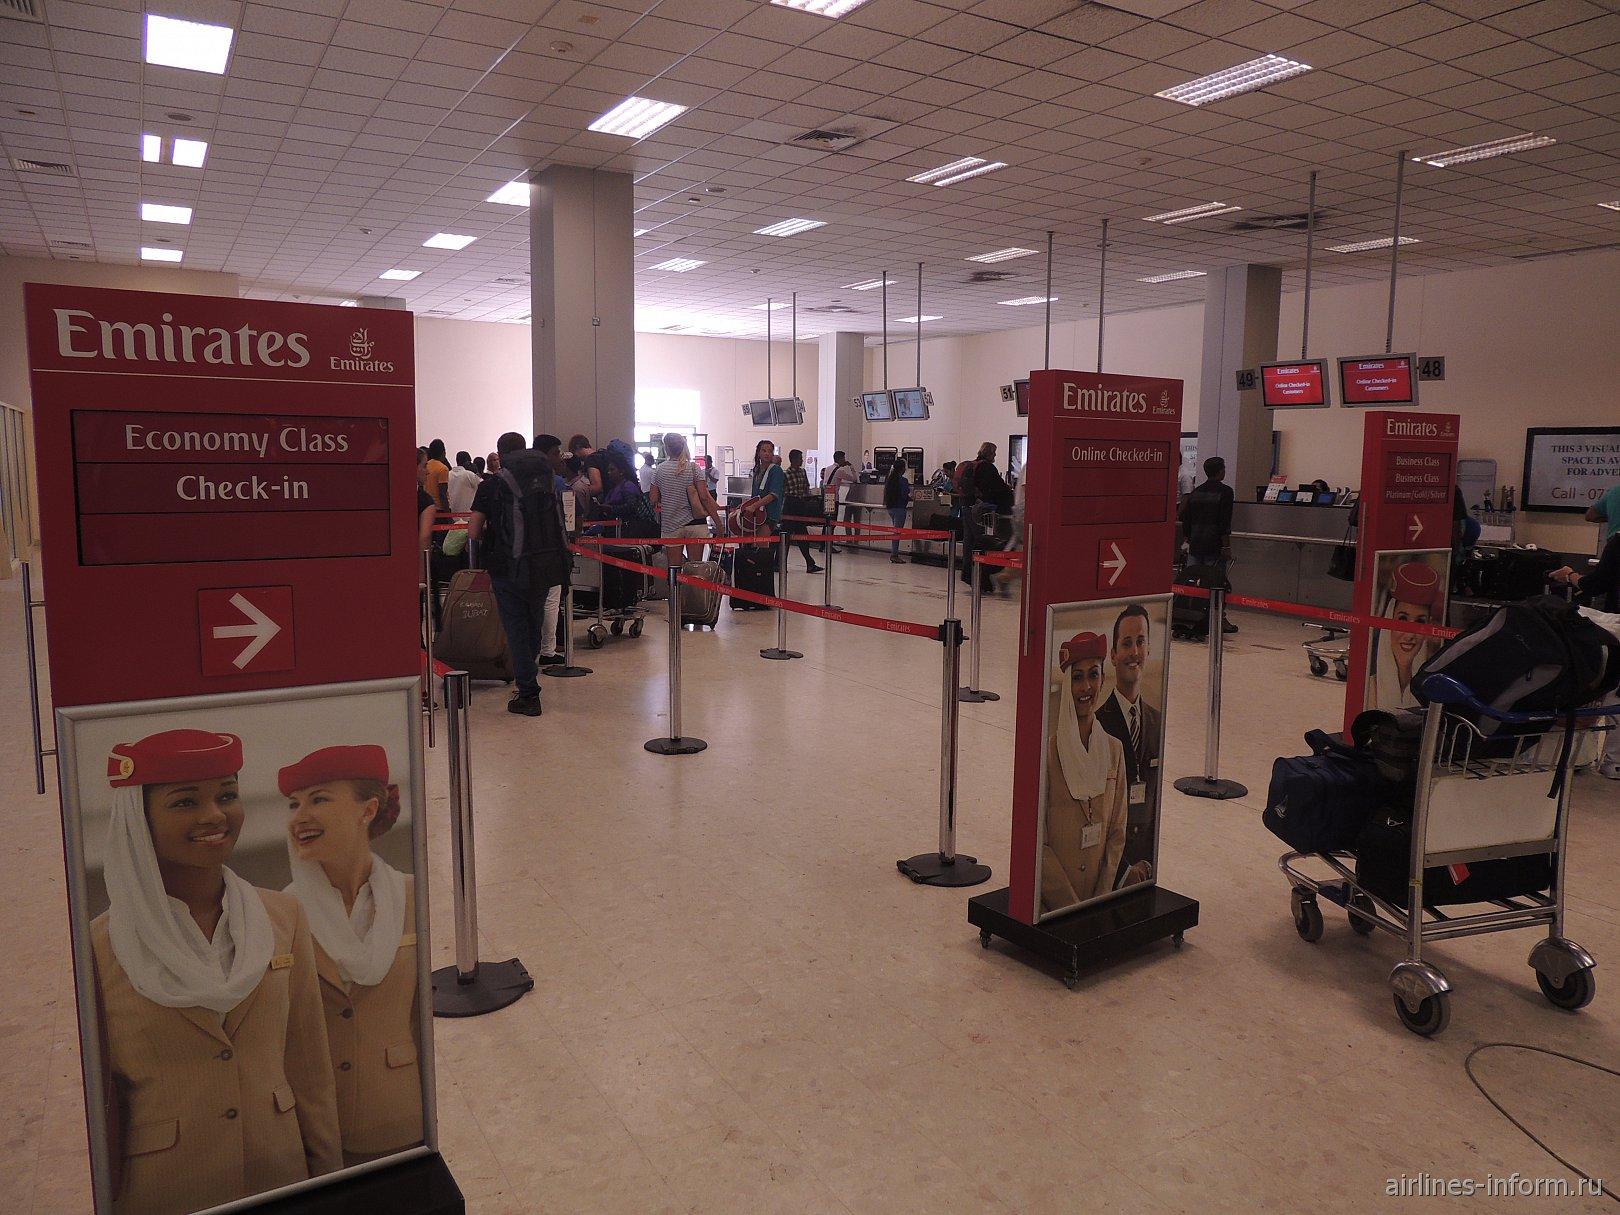 Регистрация на рейс авиакомпании Emirates в аэропорту Коломбо